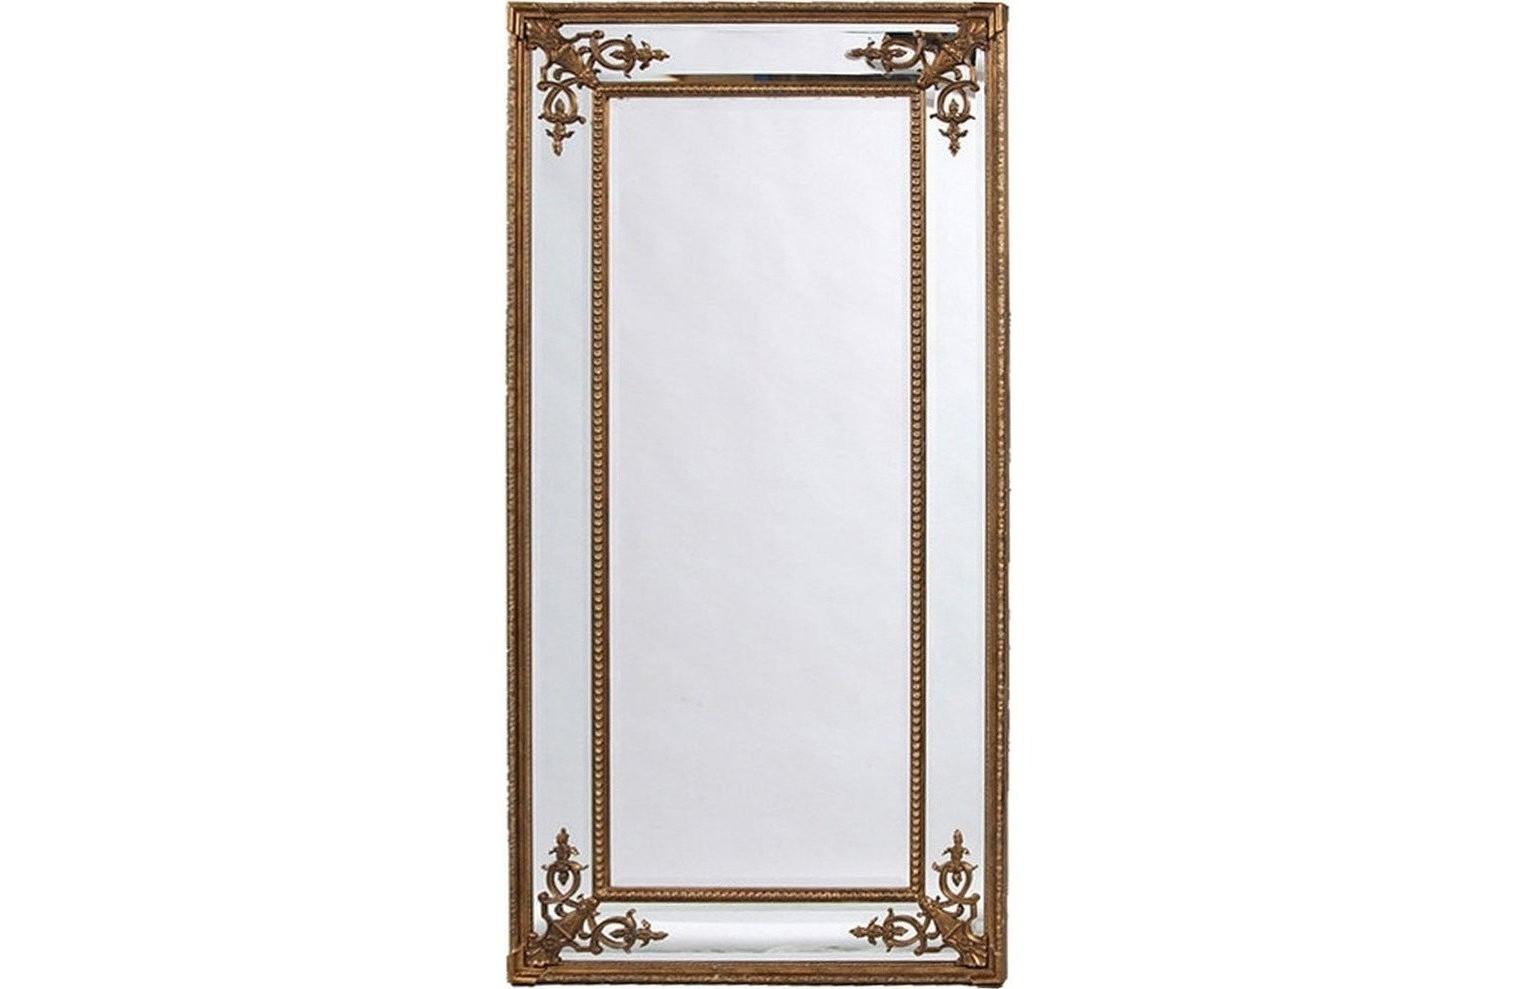 Напольное зеркало Венето (золото)Напольные зеркала<br>Это высокое, изящное и витиеватое напольное зеркало в раме цвета античное золото имеет четыре панели с фацетом и филигранным узором. Внутреннее зеркало окантовано орнаментом в виде бус. Прекрасный декор для интерьера в классическом стиле.<br><br>Цвет рамы : античное золото<br><br>Material: Дерево<br>Ширина см: 92.0<br>Высота см: 200.0<br>Глубина см: 6.0